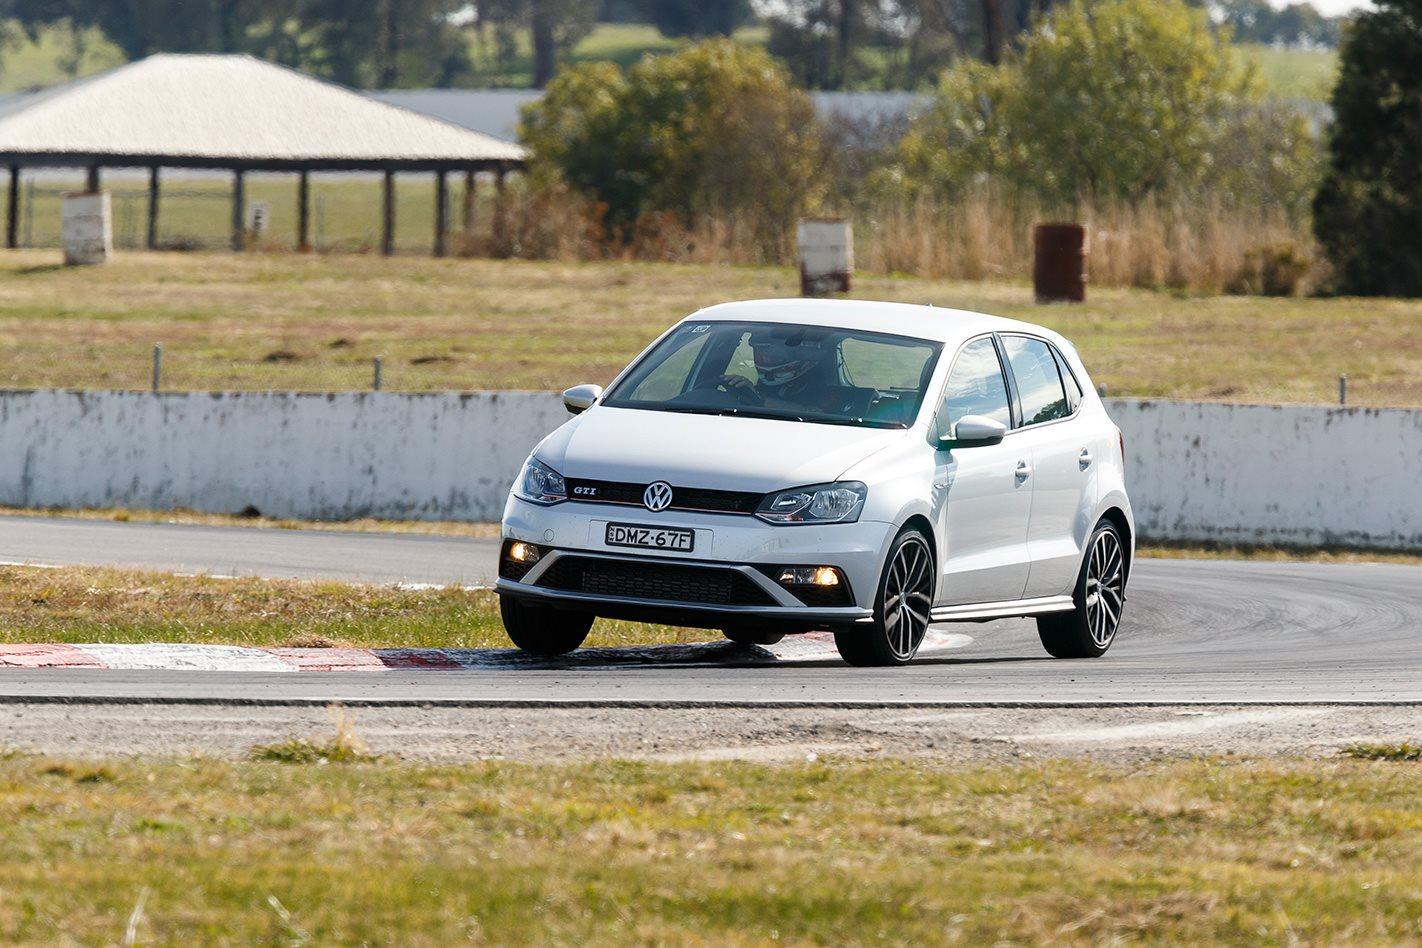 2017 Volkswagen Polo GTI steering.jpg